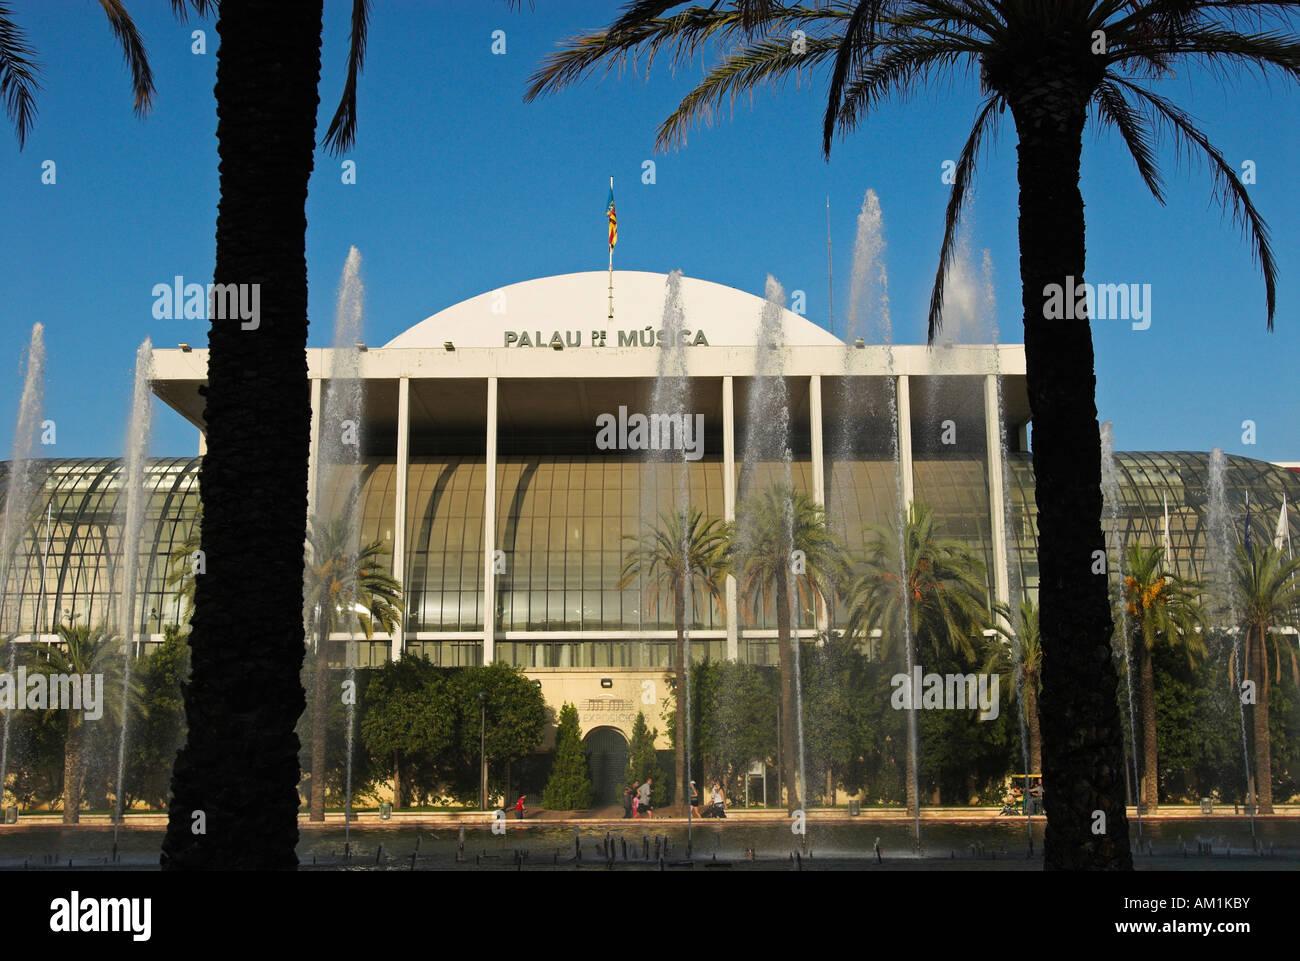 Sala de conciertos el Palau de la música, de la ciudad de Valencia, España, Europa Imagen De Stock